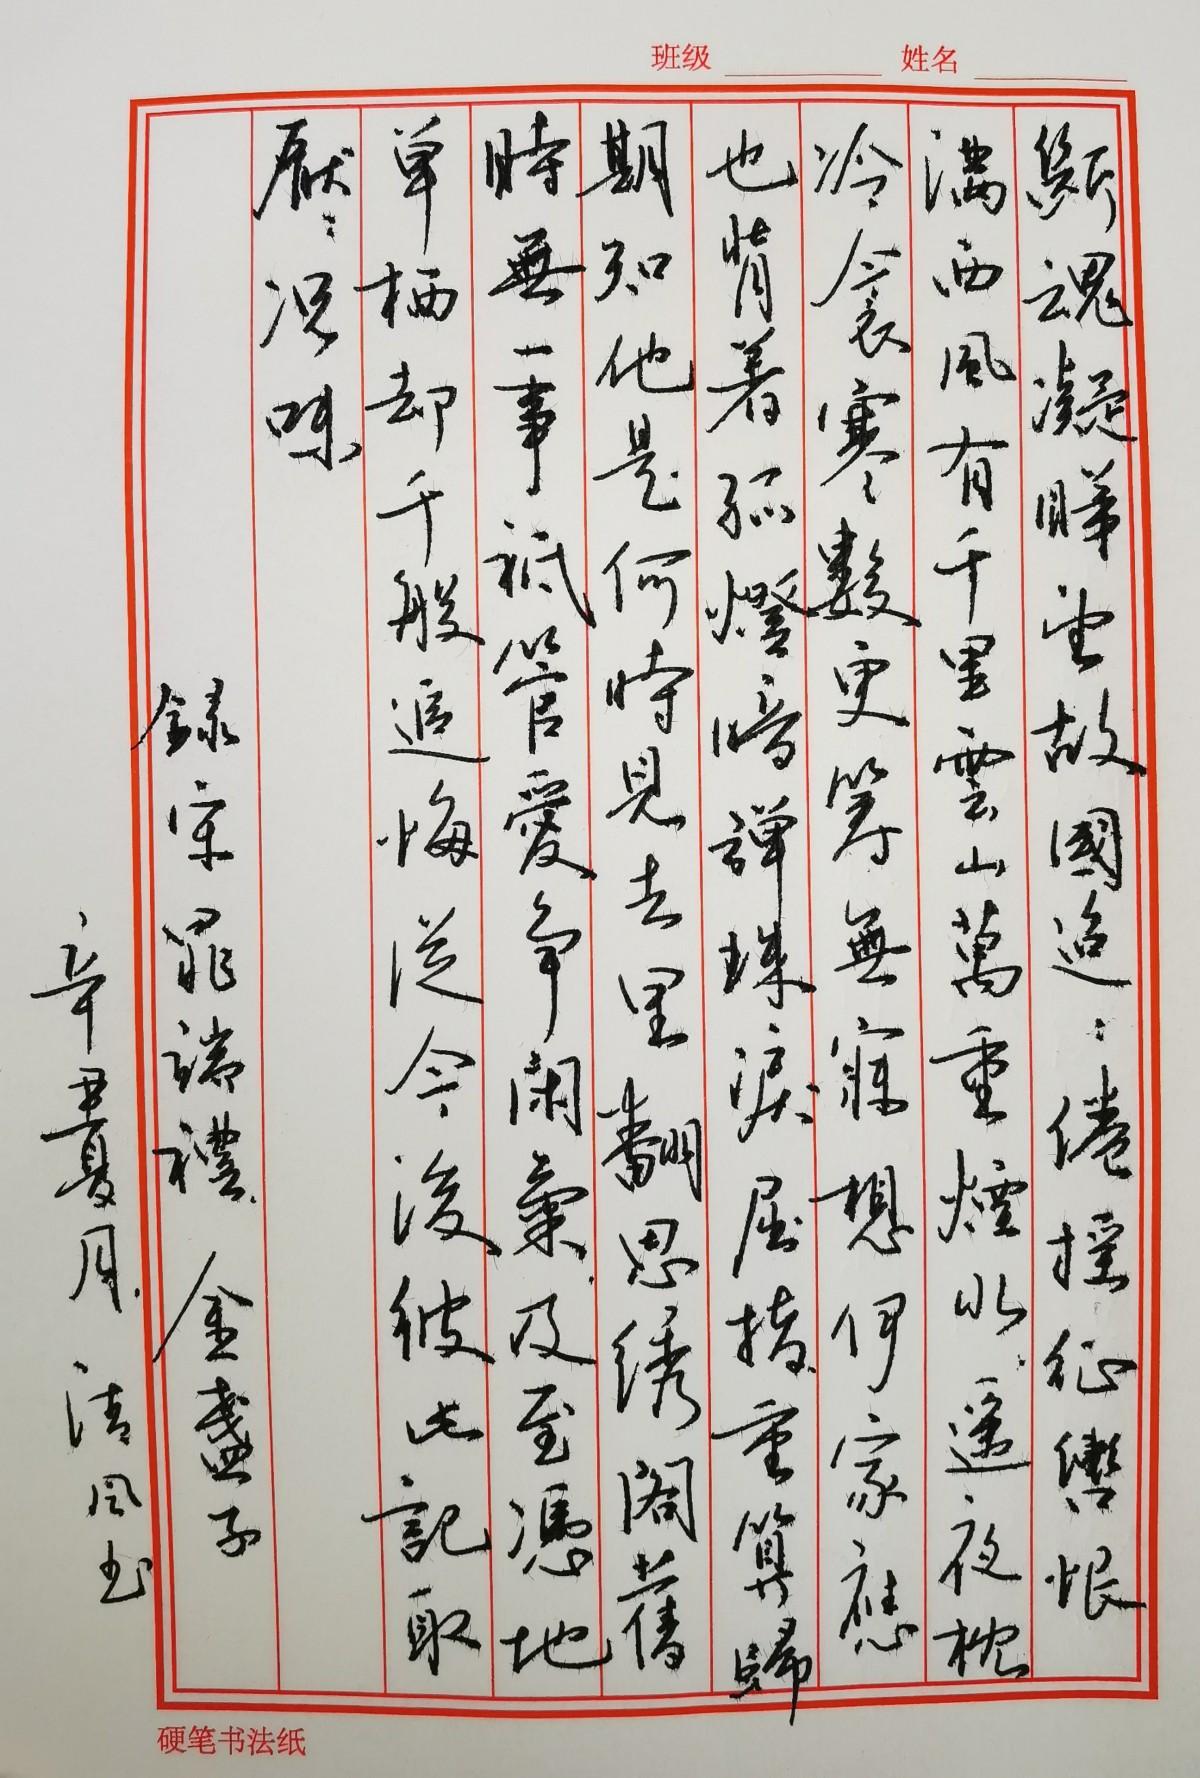 钢笔书法练字打卡20210727-22